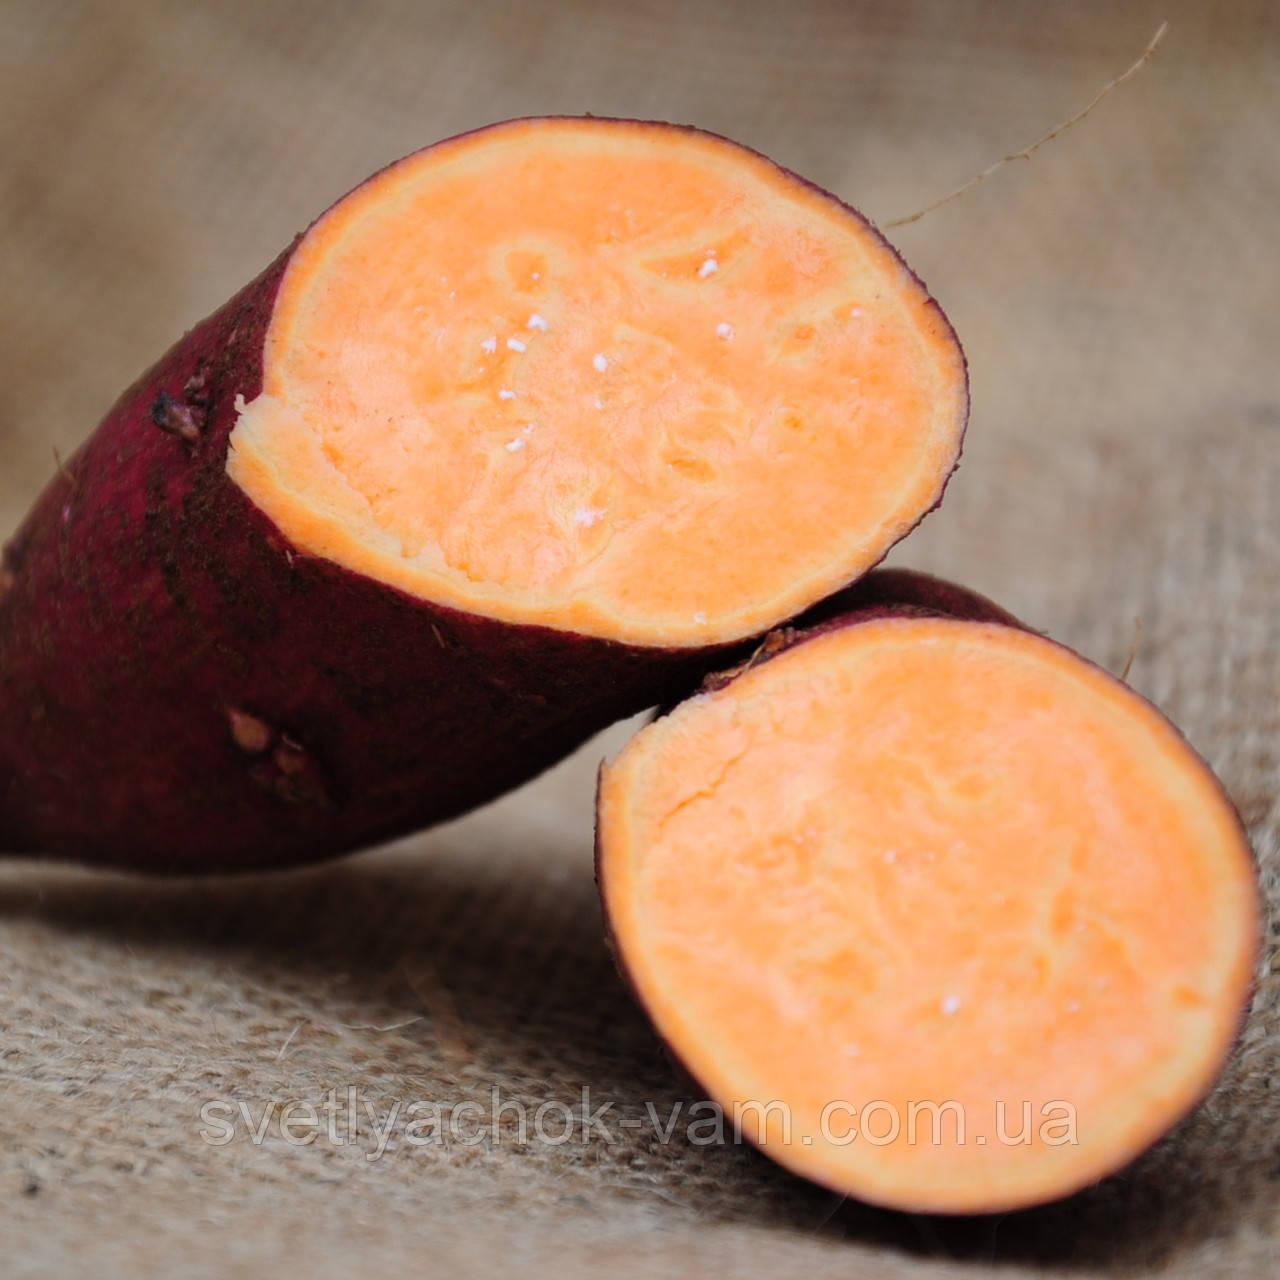 Маточный клубень Батат Рубин Каролины Carolina Ruby сладкий очень урожайный лежкий сорт